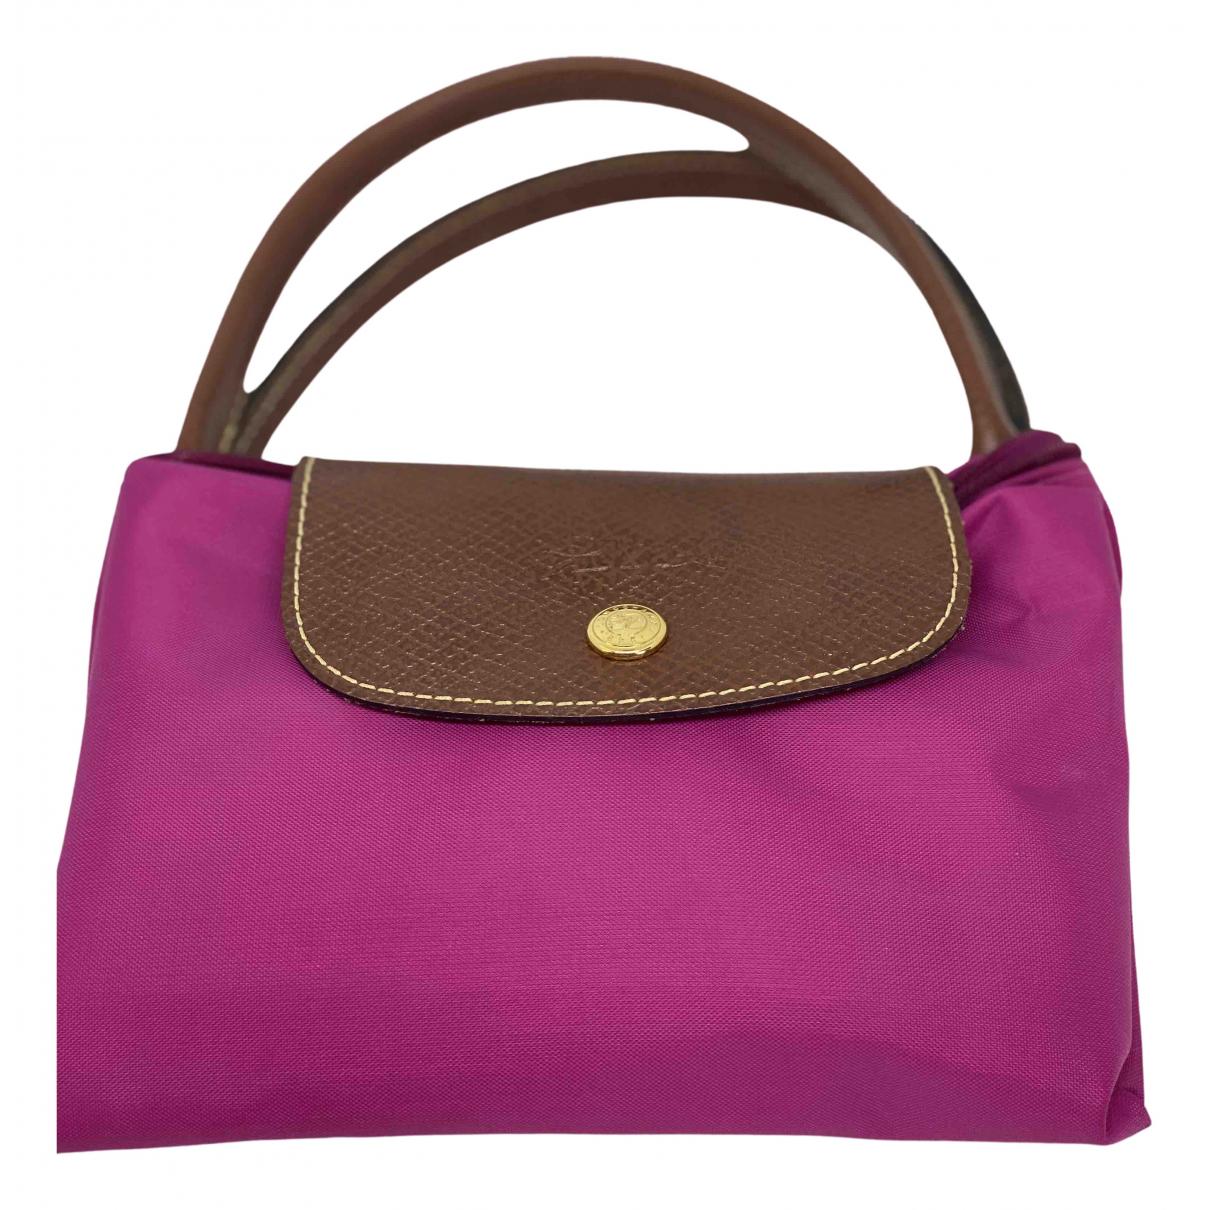 Longchamp - Sac a main Pliage  pour femme en coton - rose